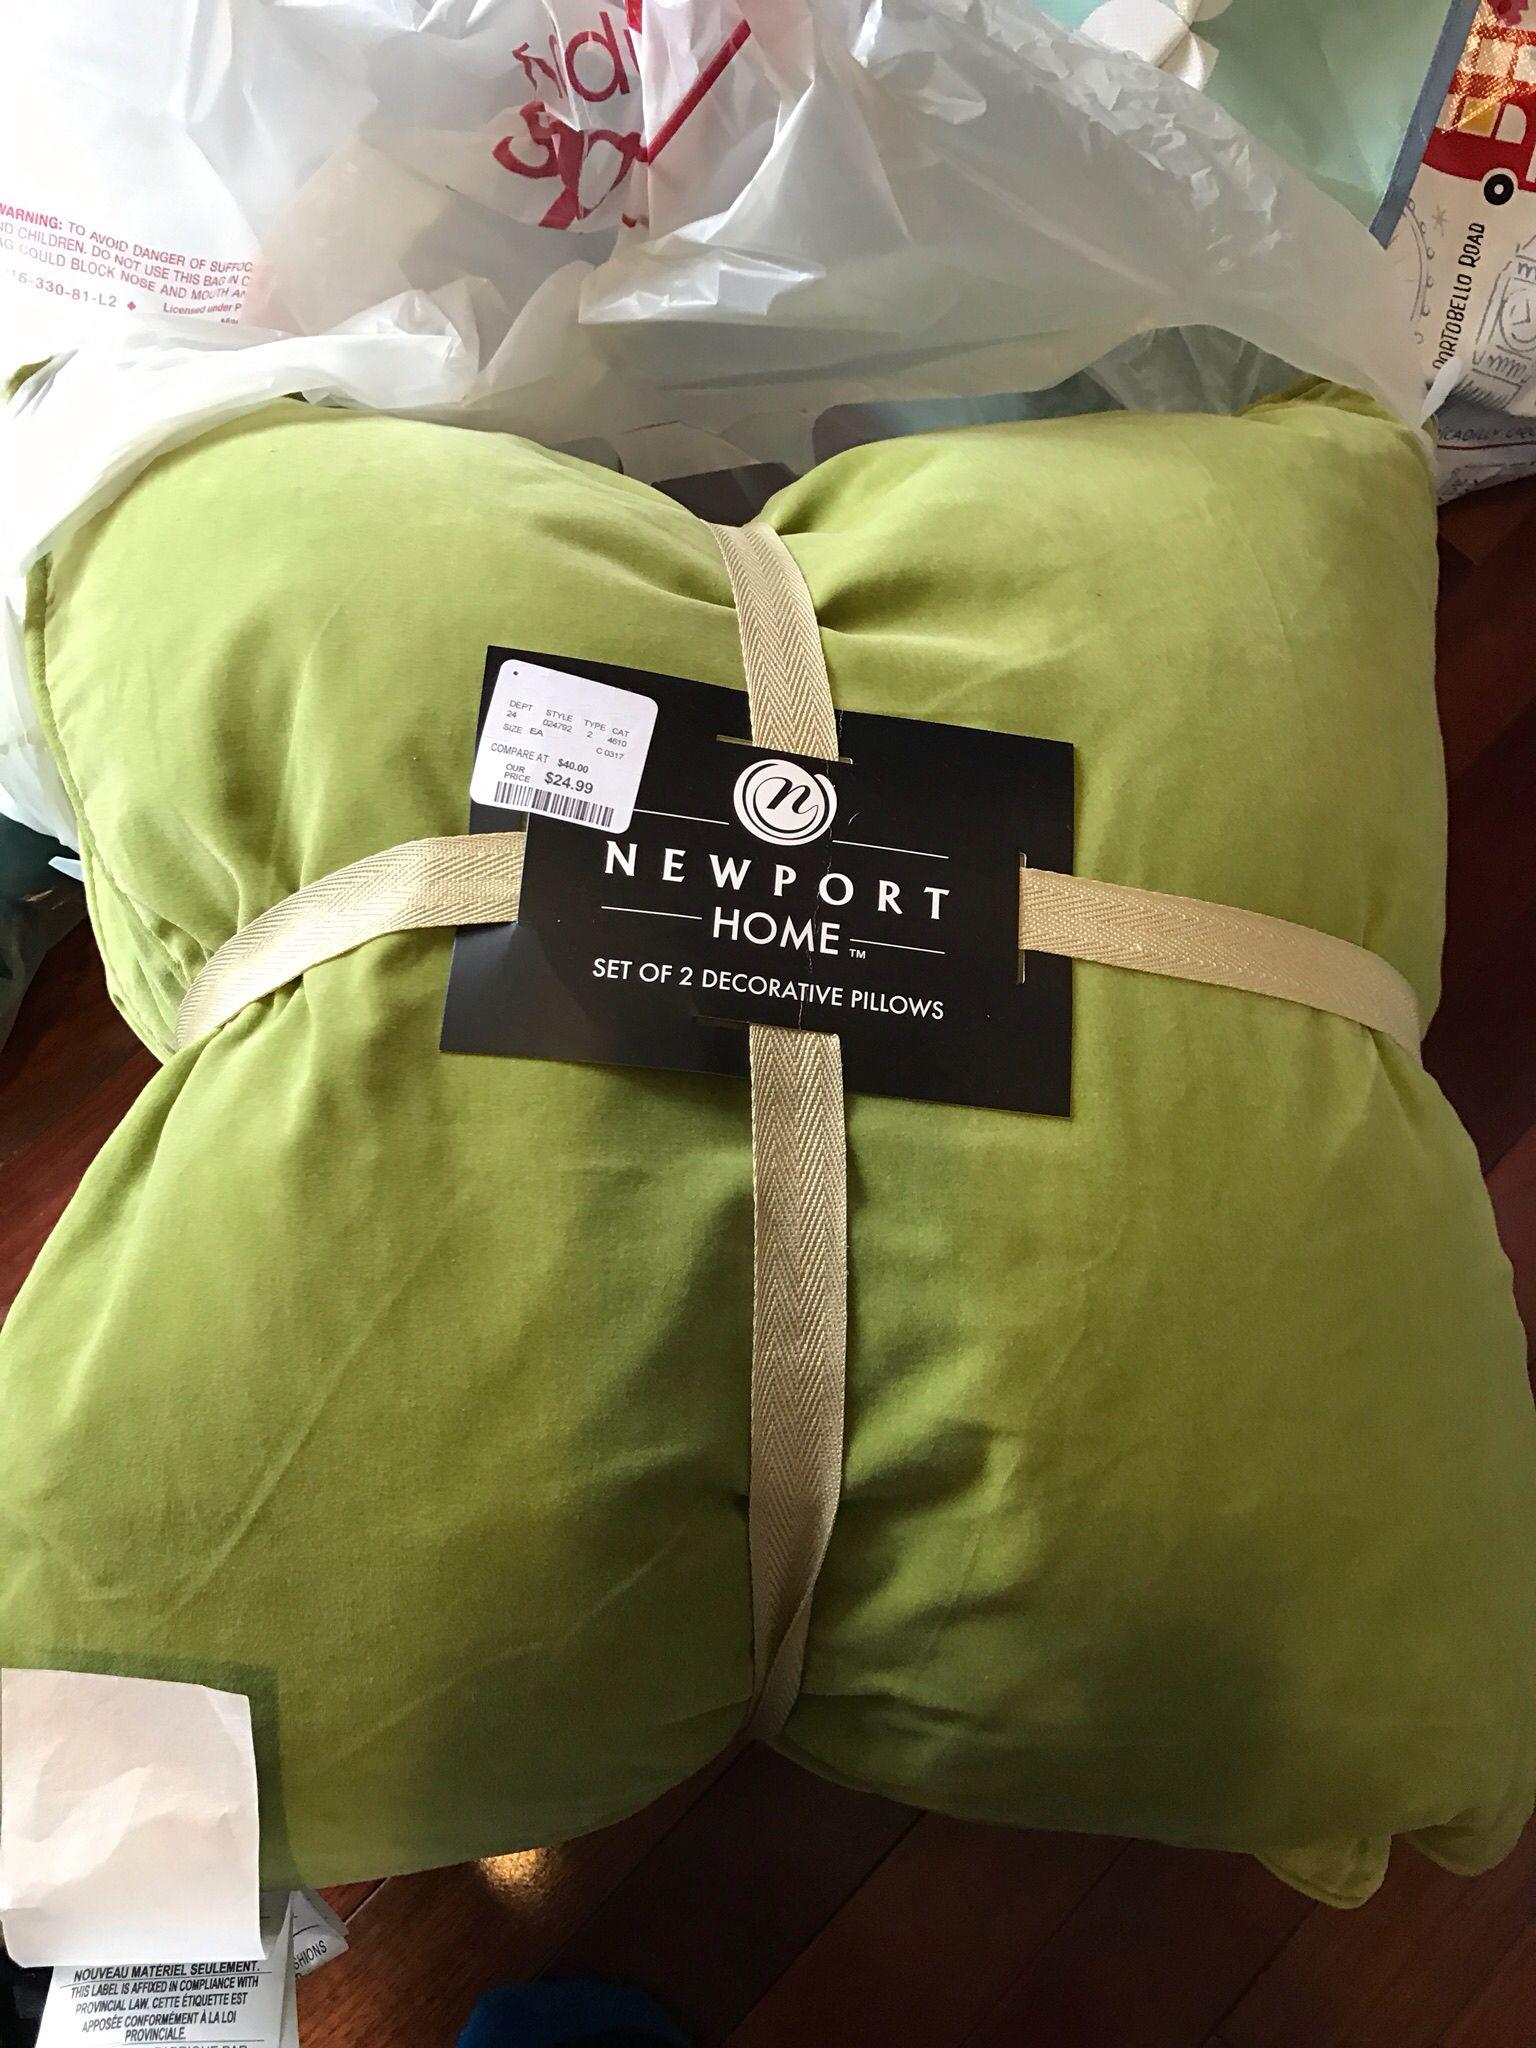 2 green pillows